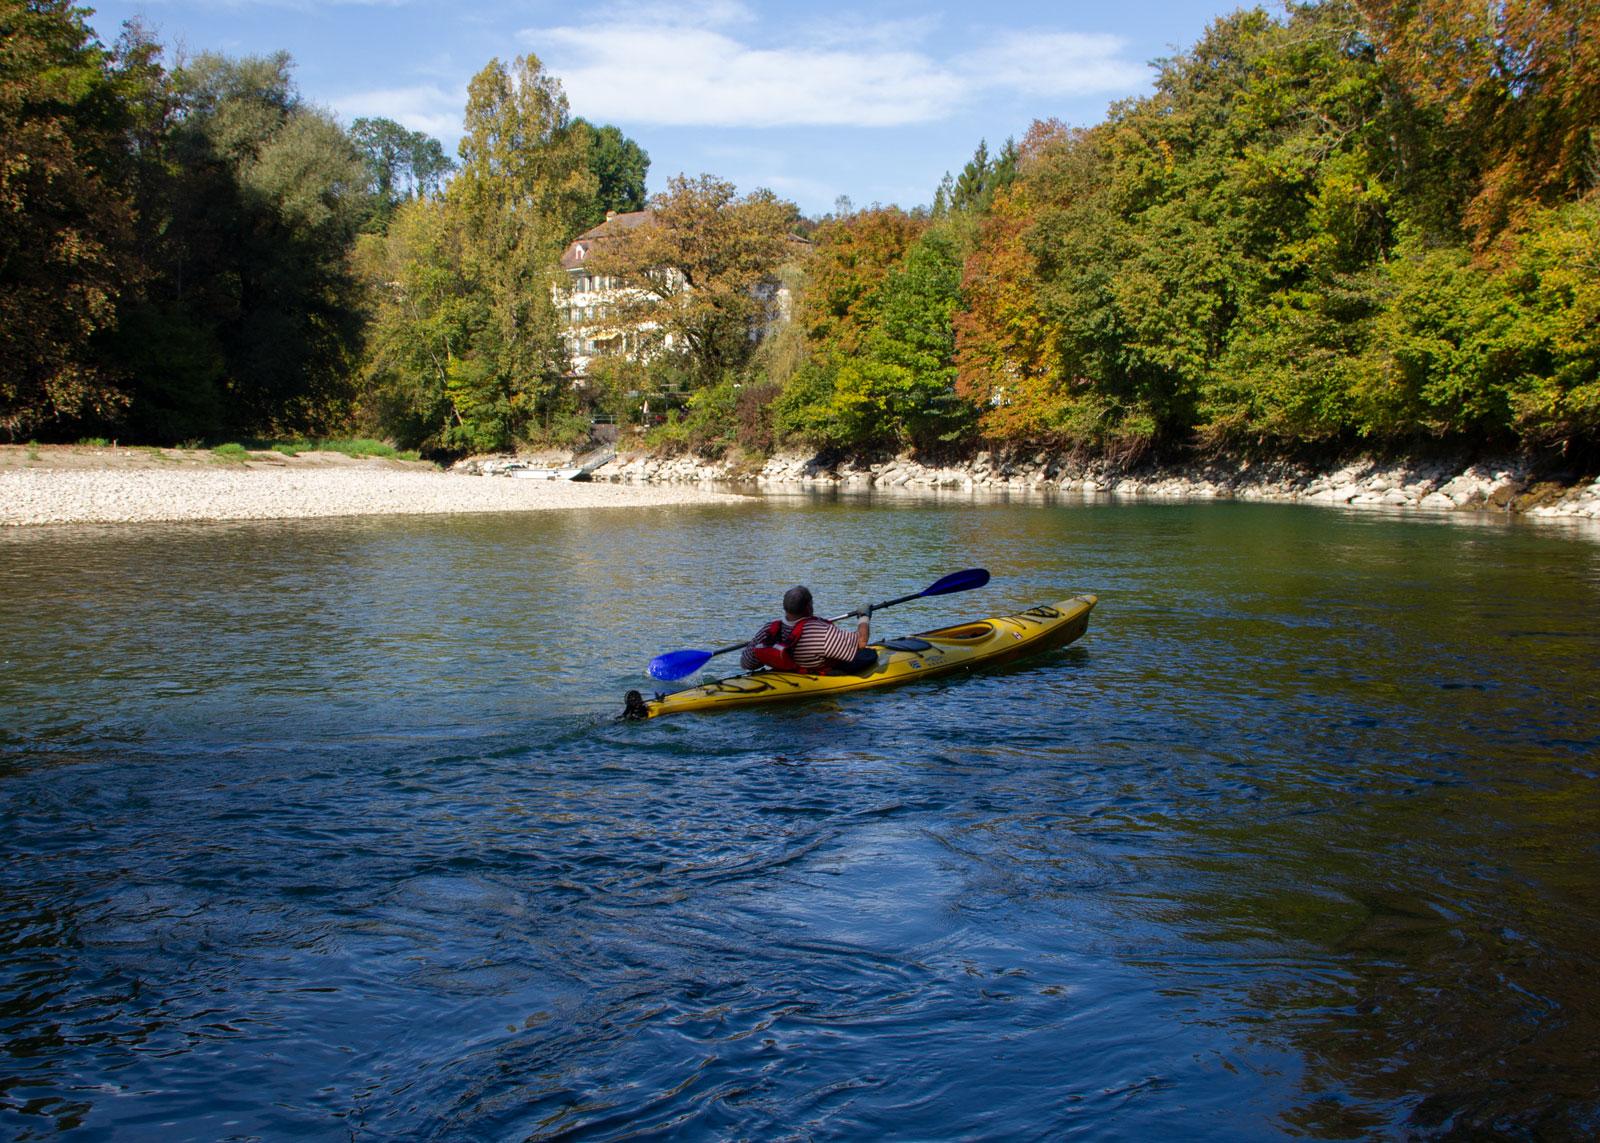 Mit kleineren Booten kann die Restwasserstrecke auch im Herbst und Frühling befahren werden